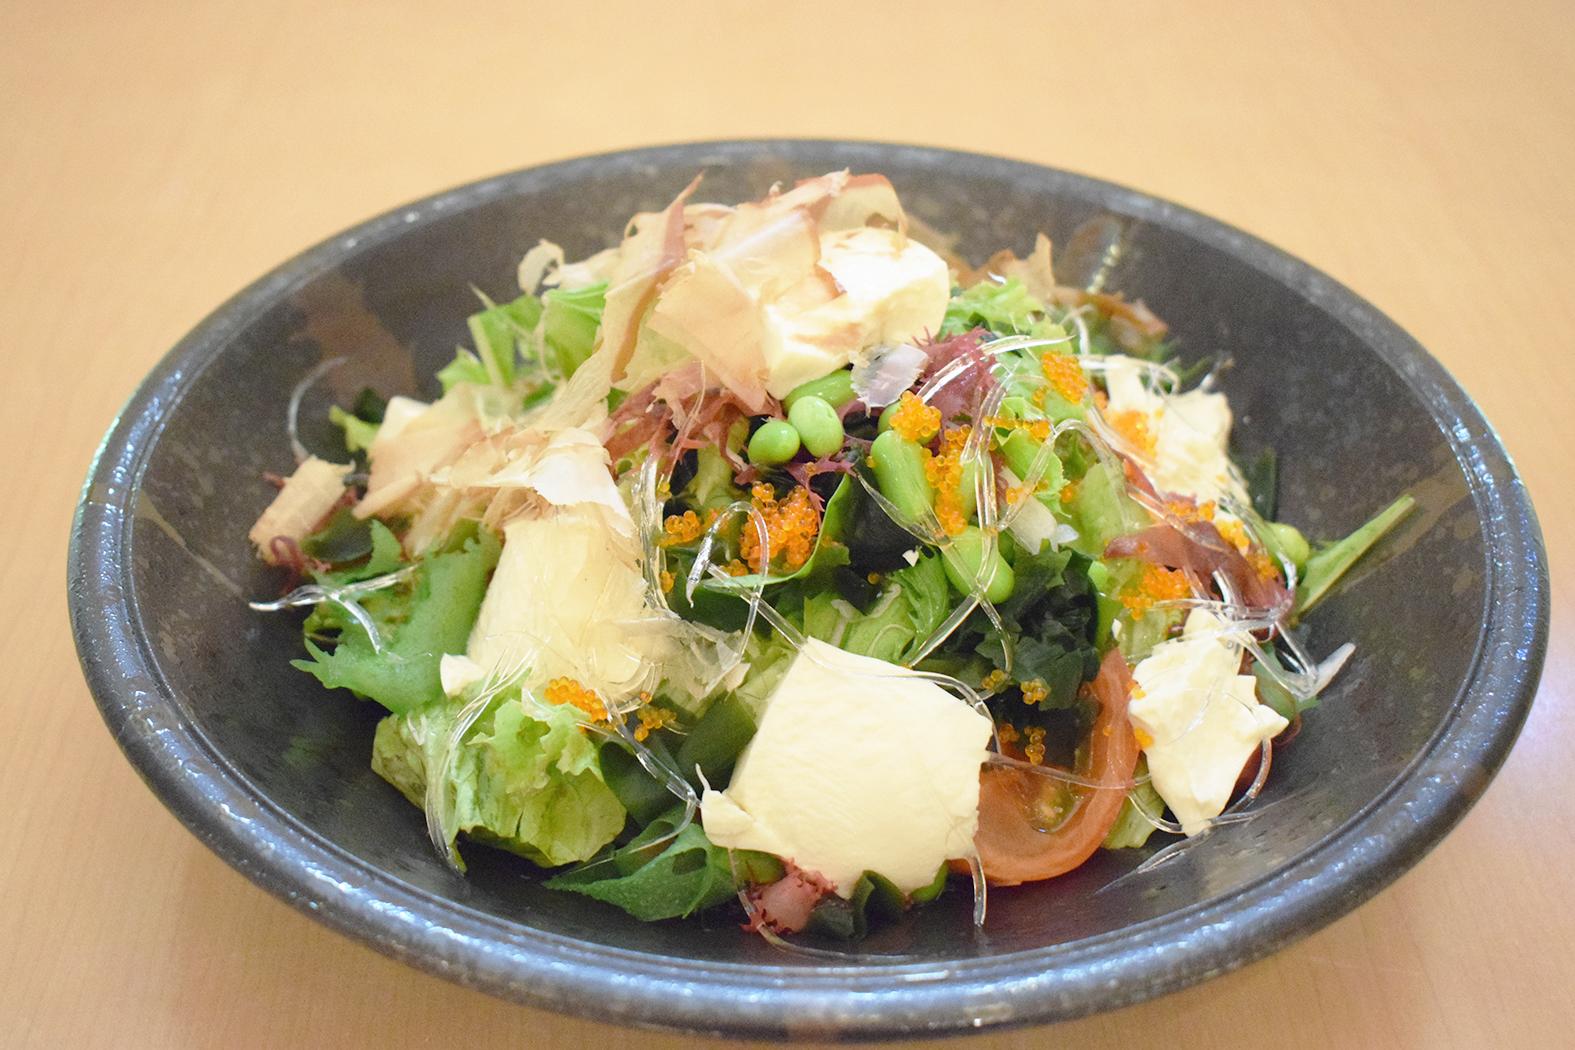 ツナと豆腐の海藻パワーサラダ